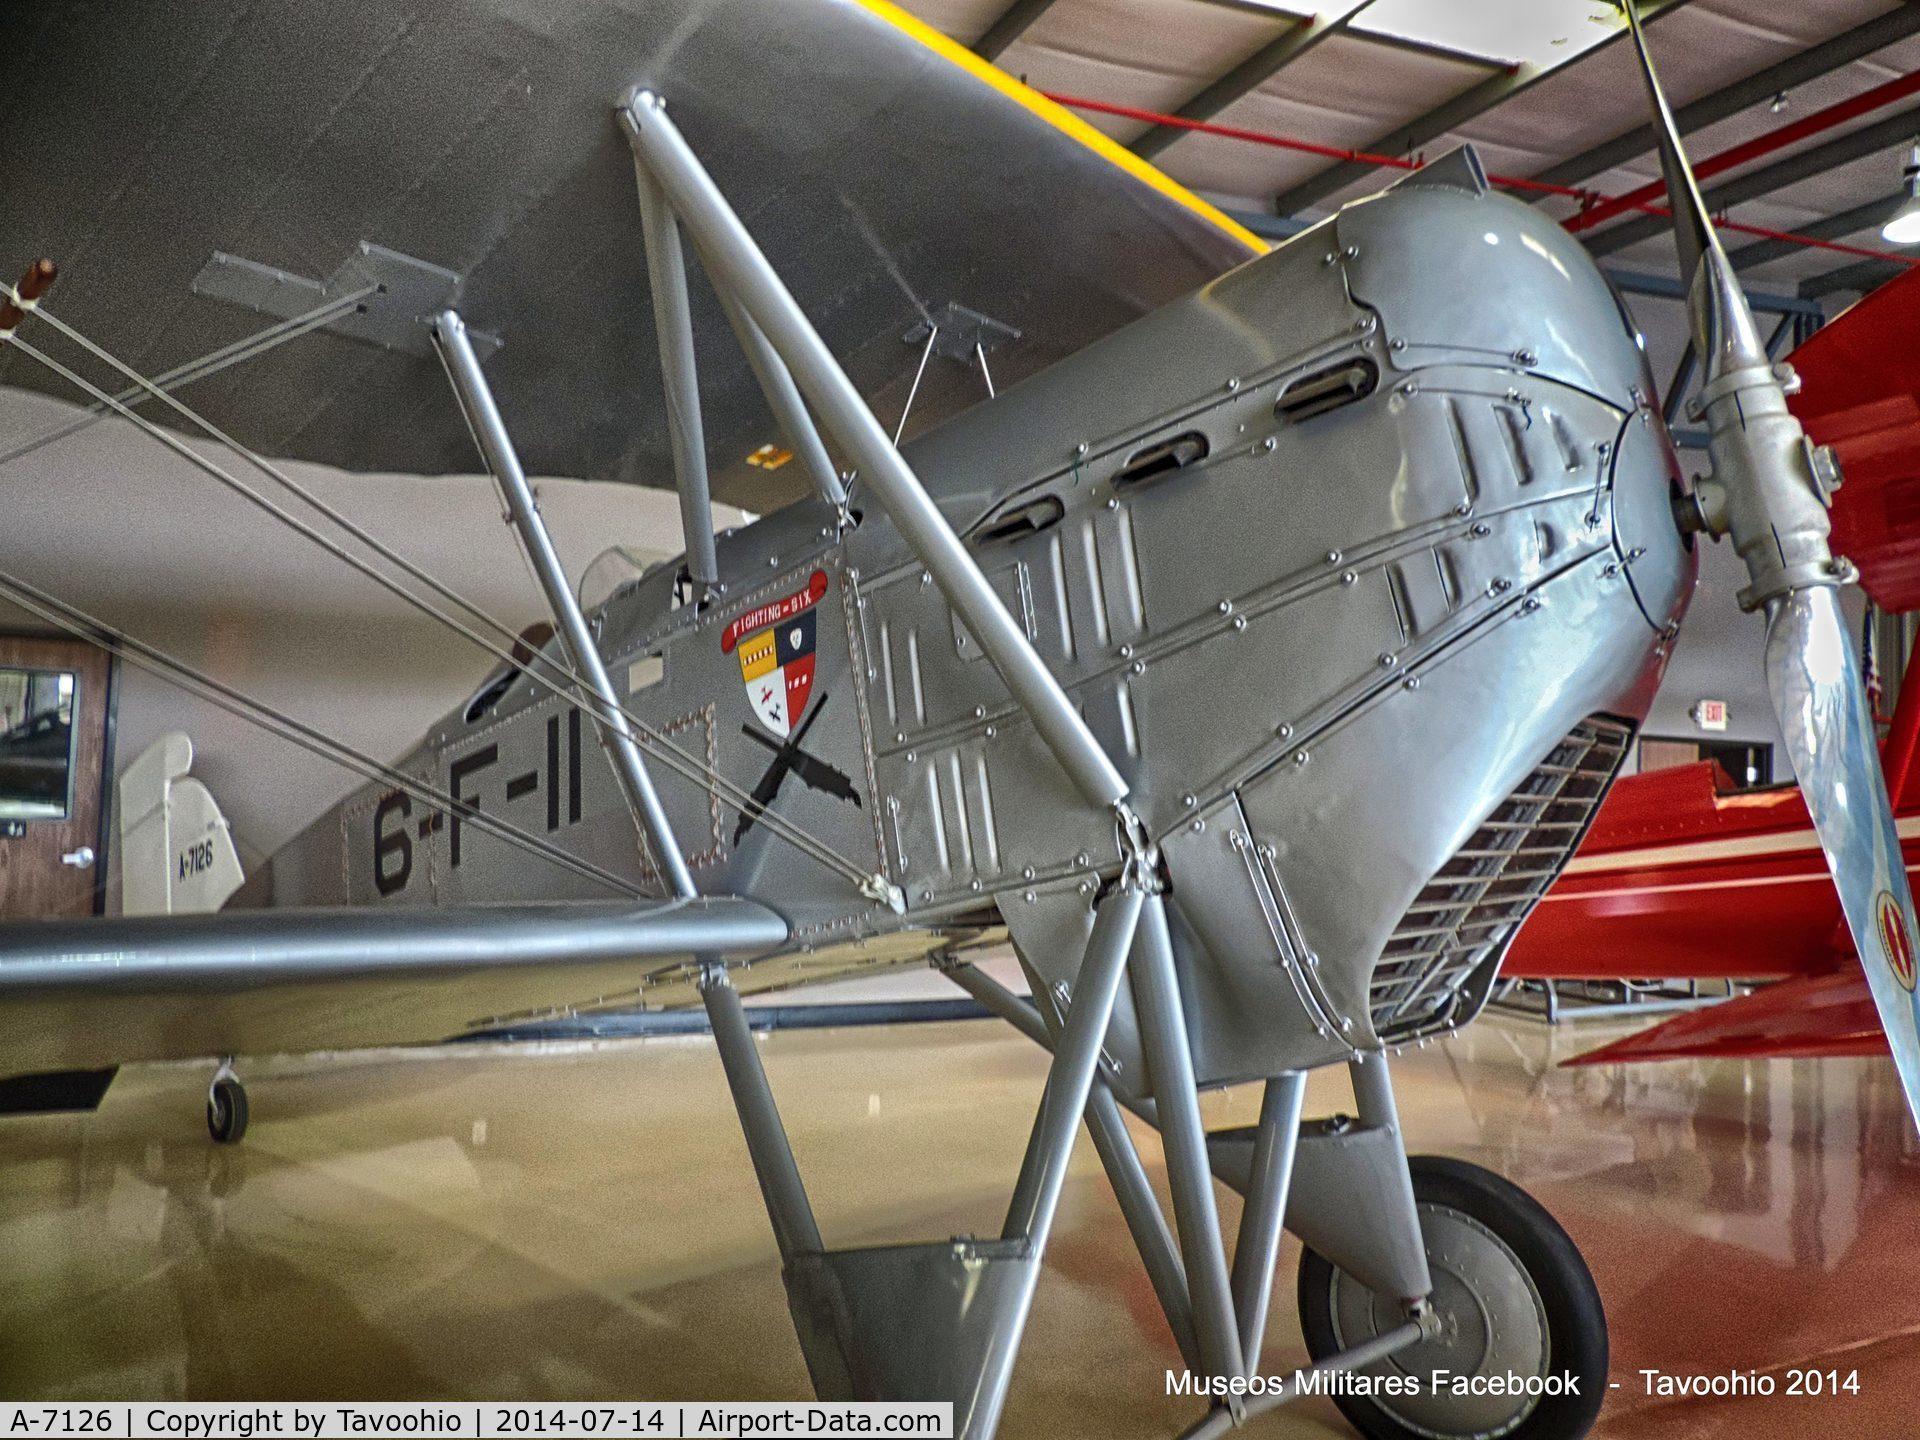 A-7126, Boeing FB-5 C/N 832, Boeing FB-5 Hawk